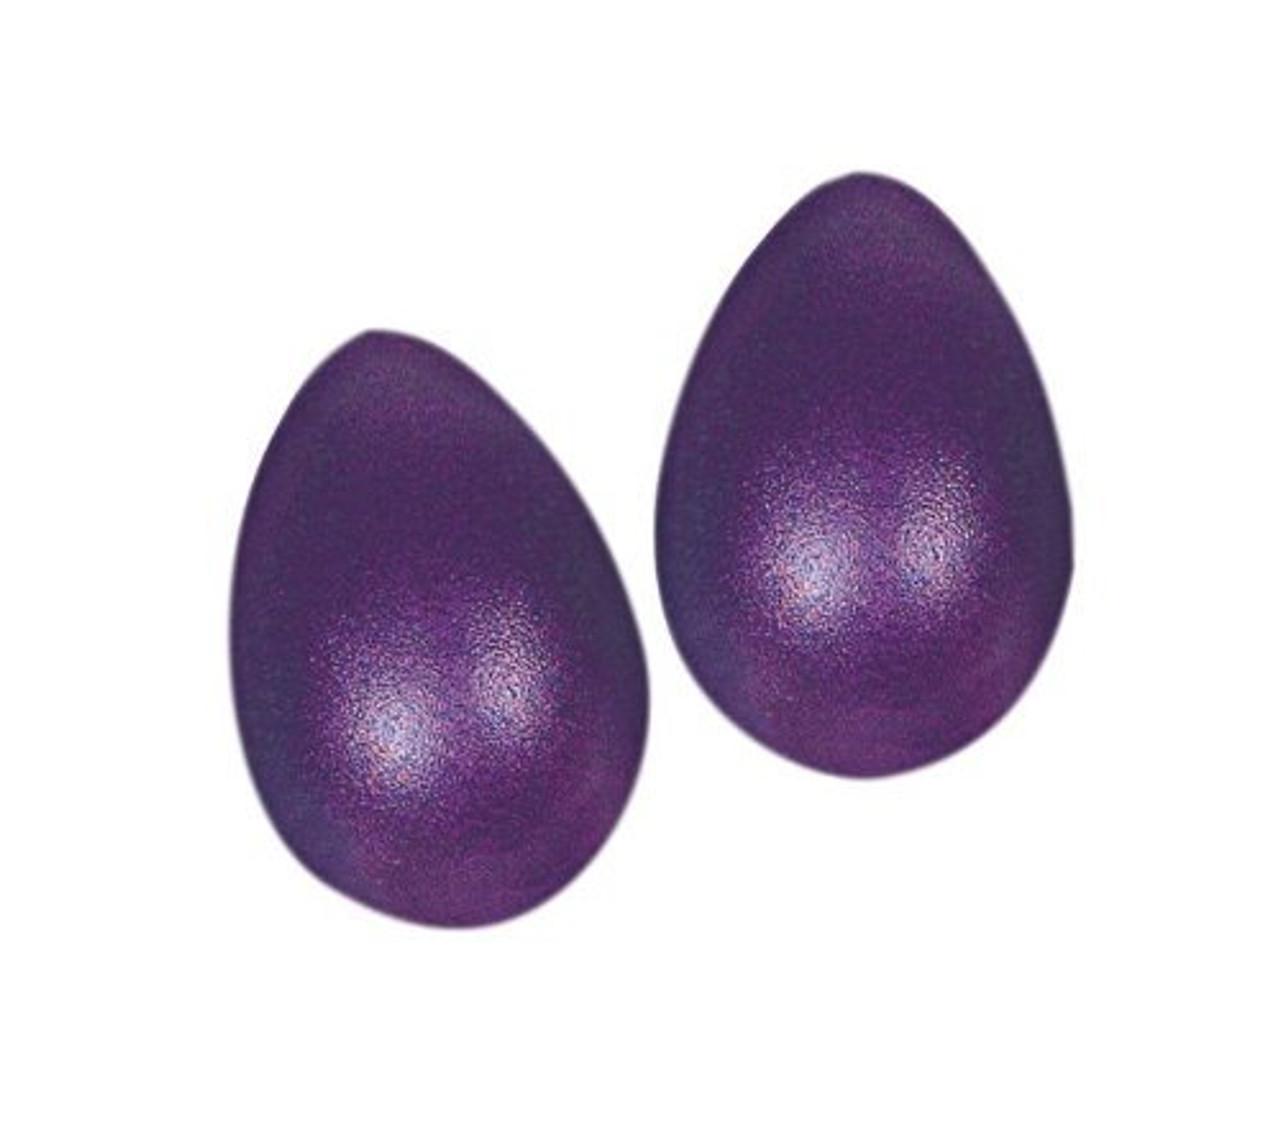 Drum Workshop Rhythmix Eggs - 1 Pair Grape